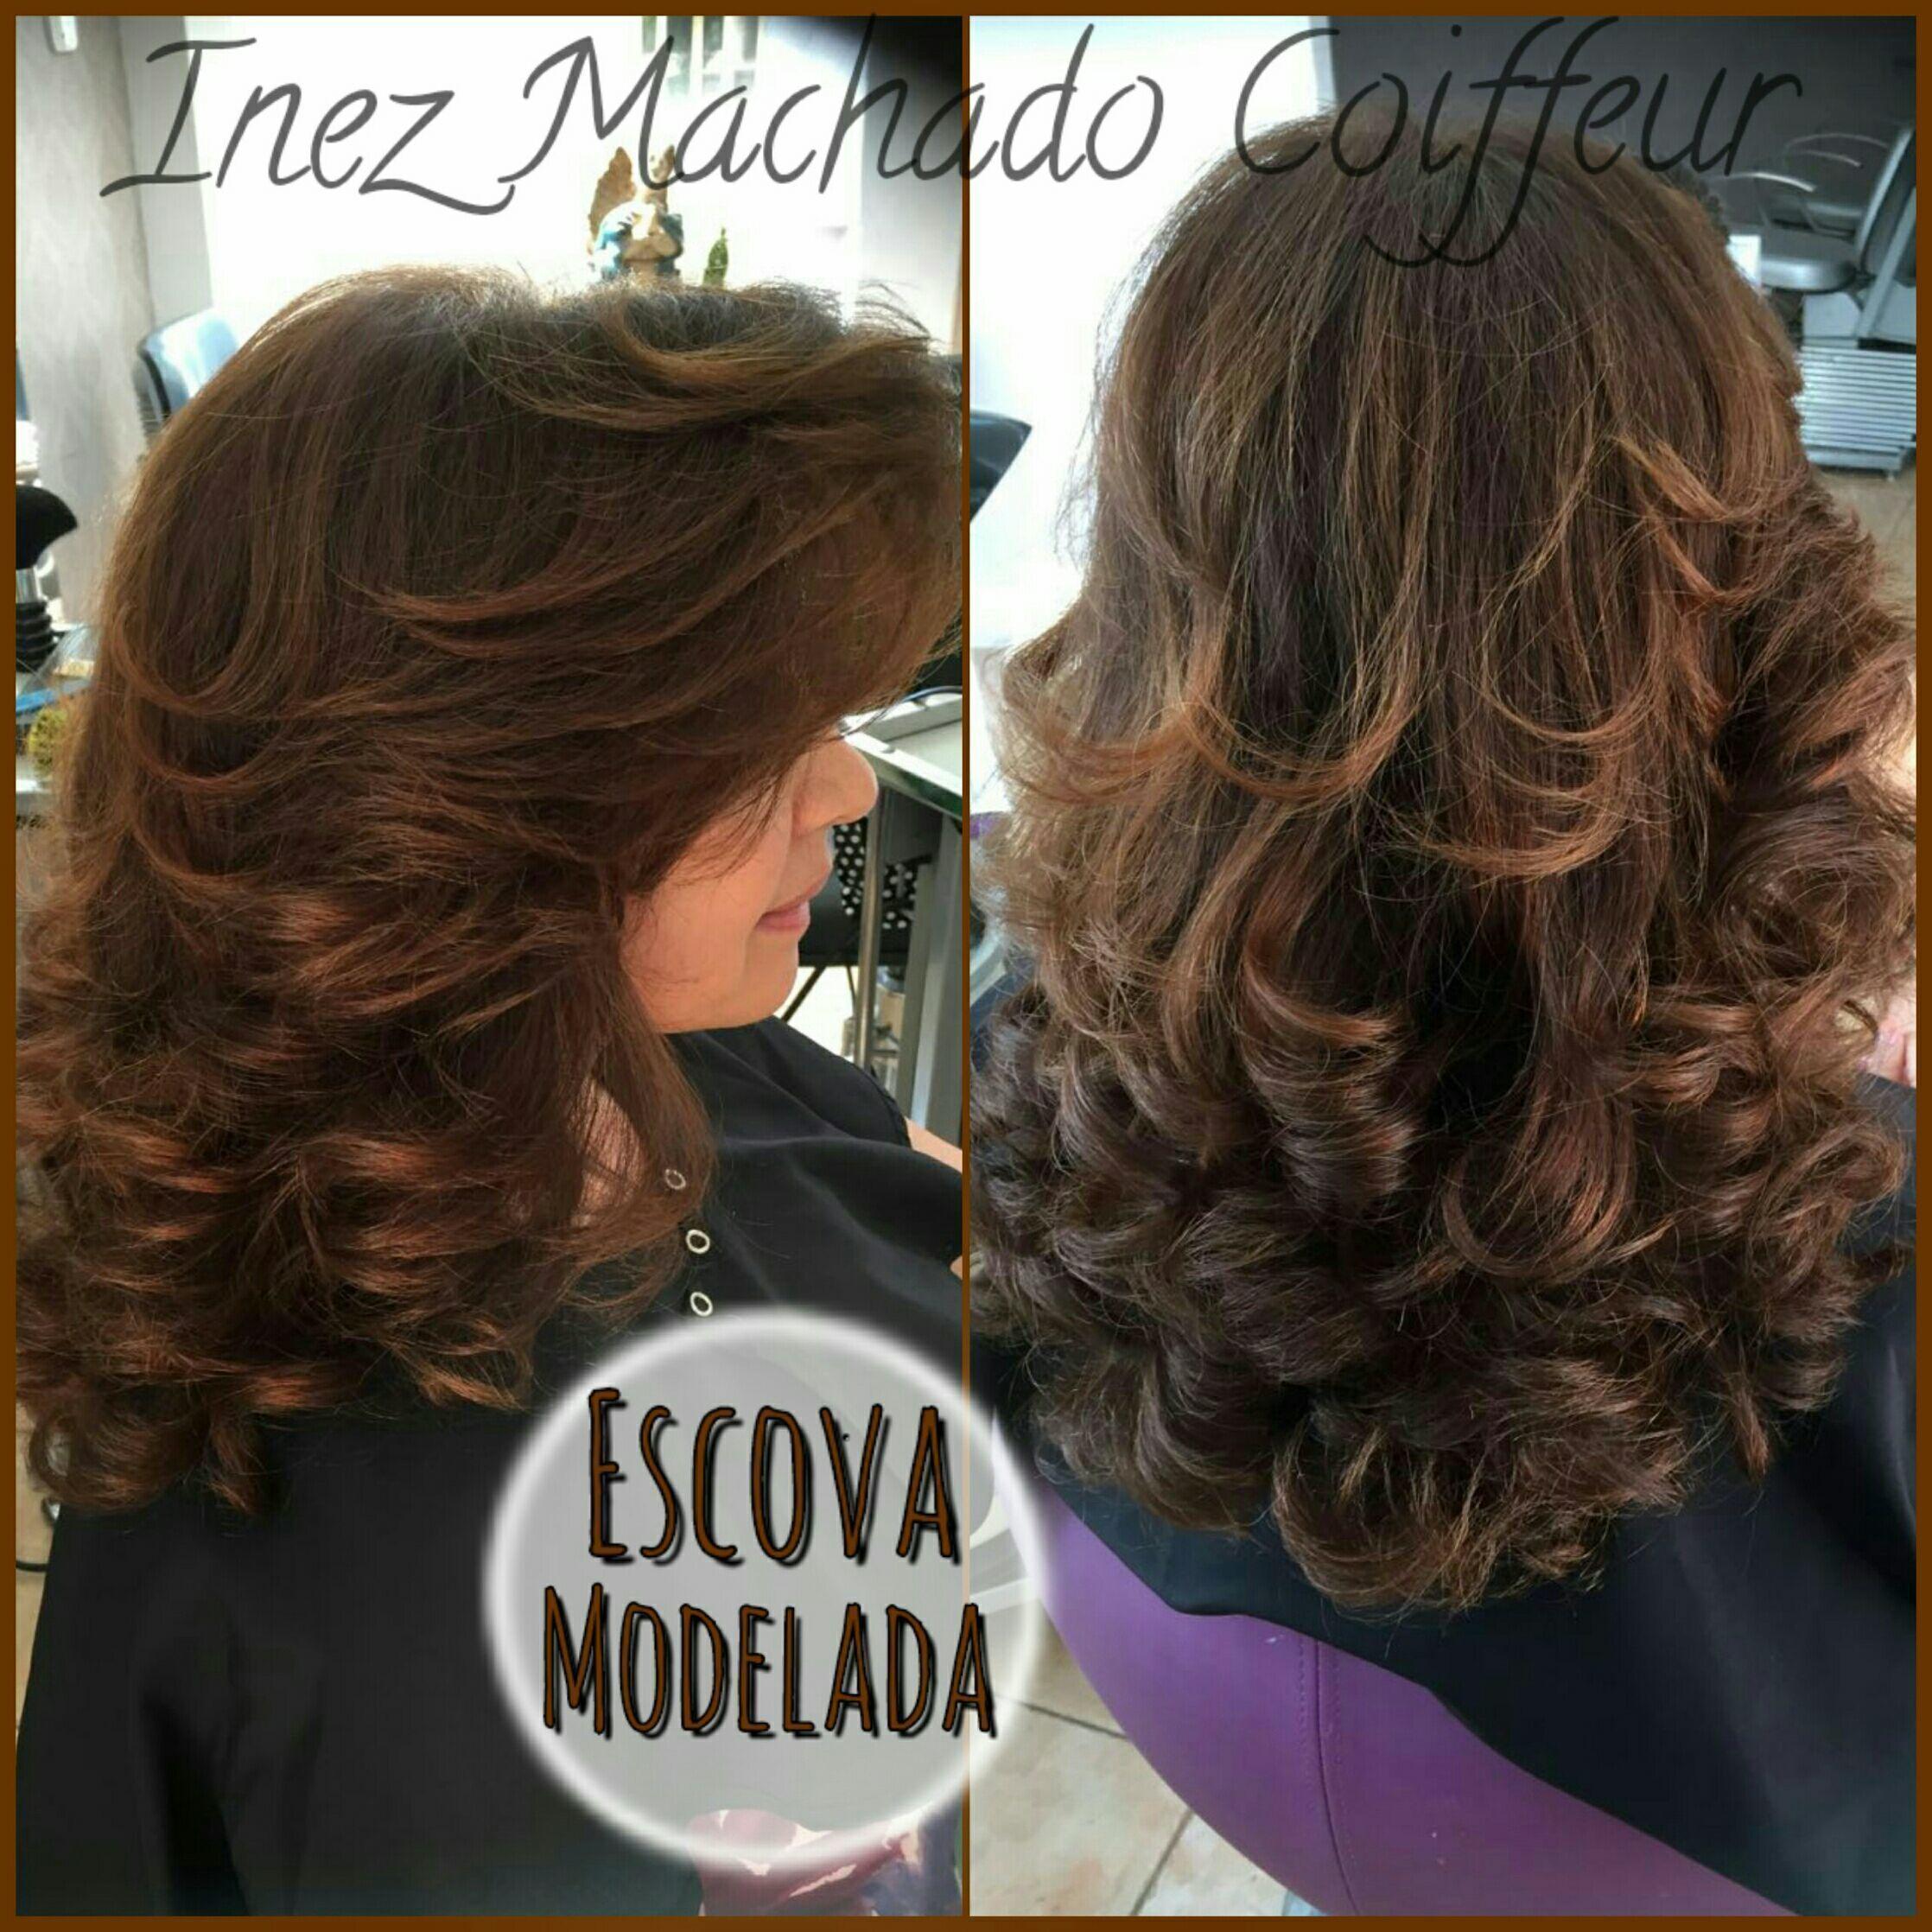 Corte Repicado em Camadas e Desfiado. Escova modelada. cabelo cabeleireiro(a) stylist / visagista